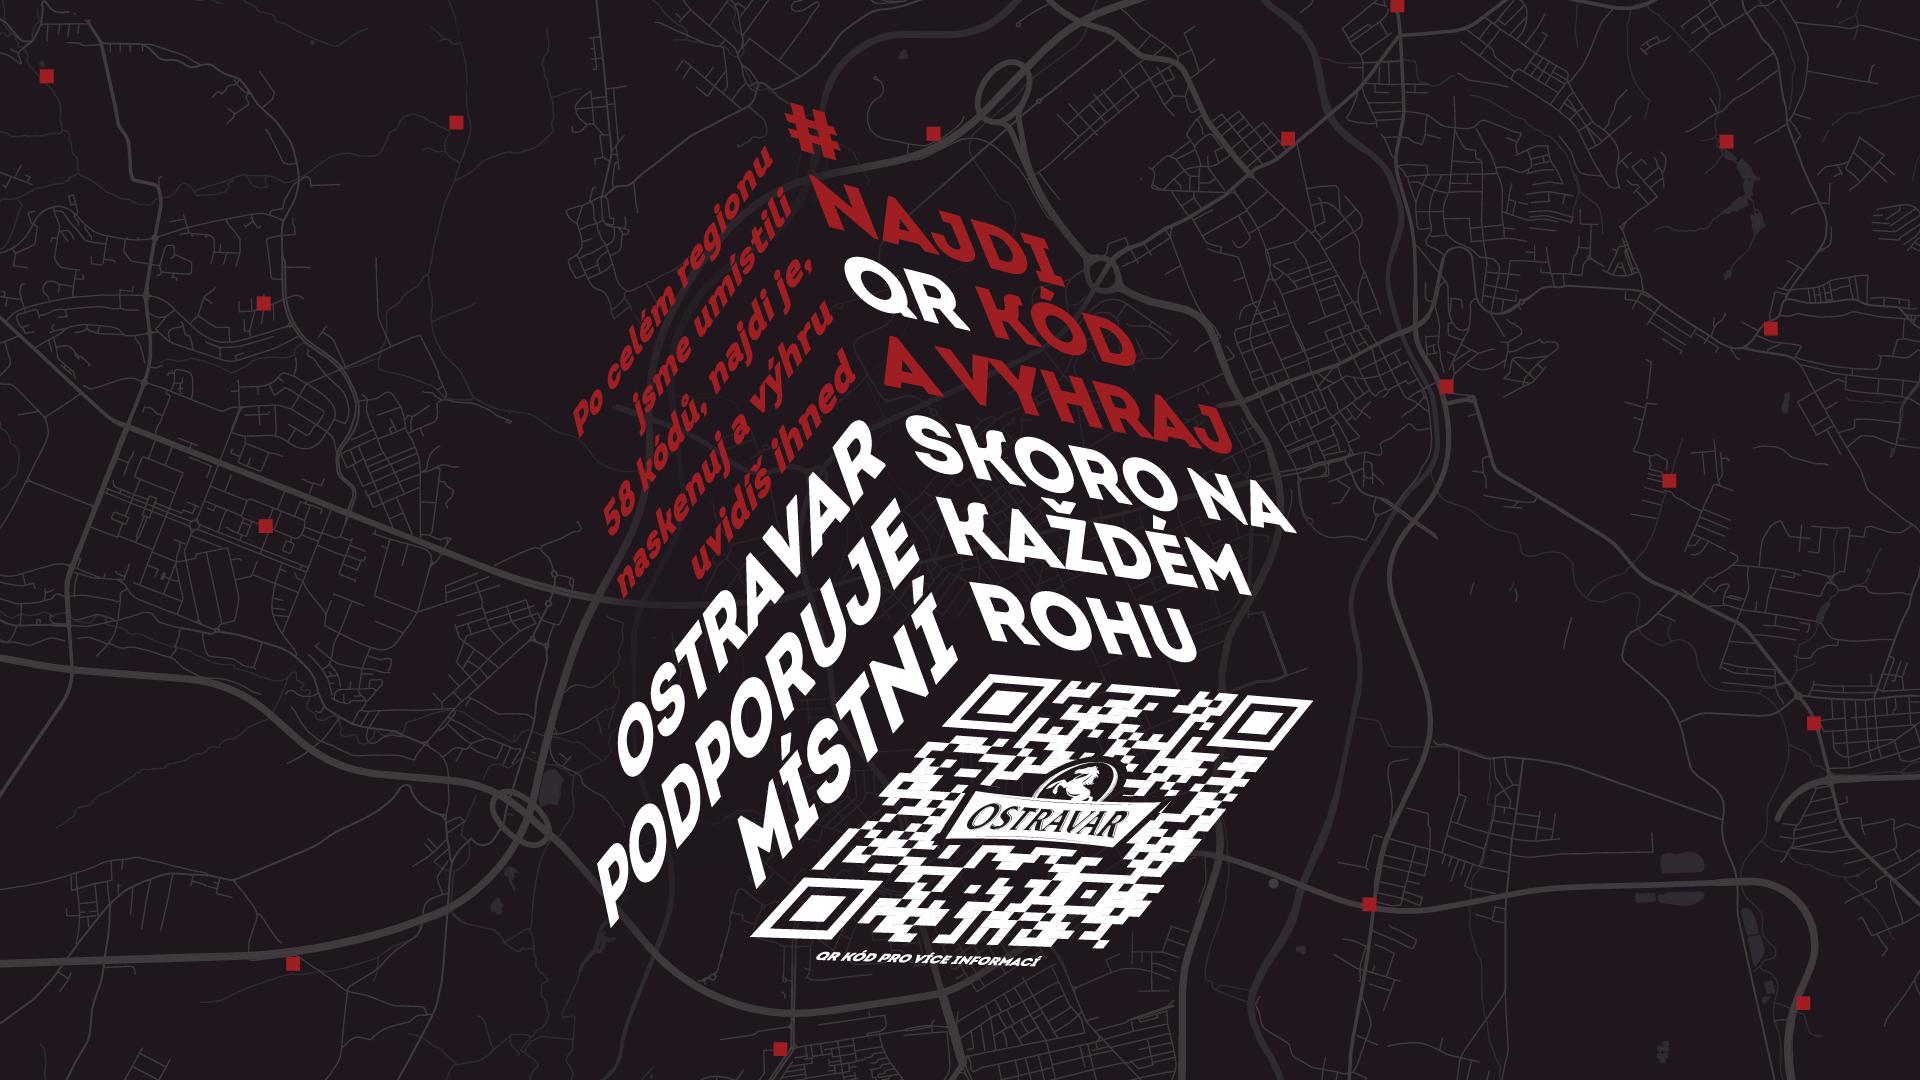 Startuje projekt  s výherními QR kódy v ulicích